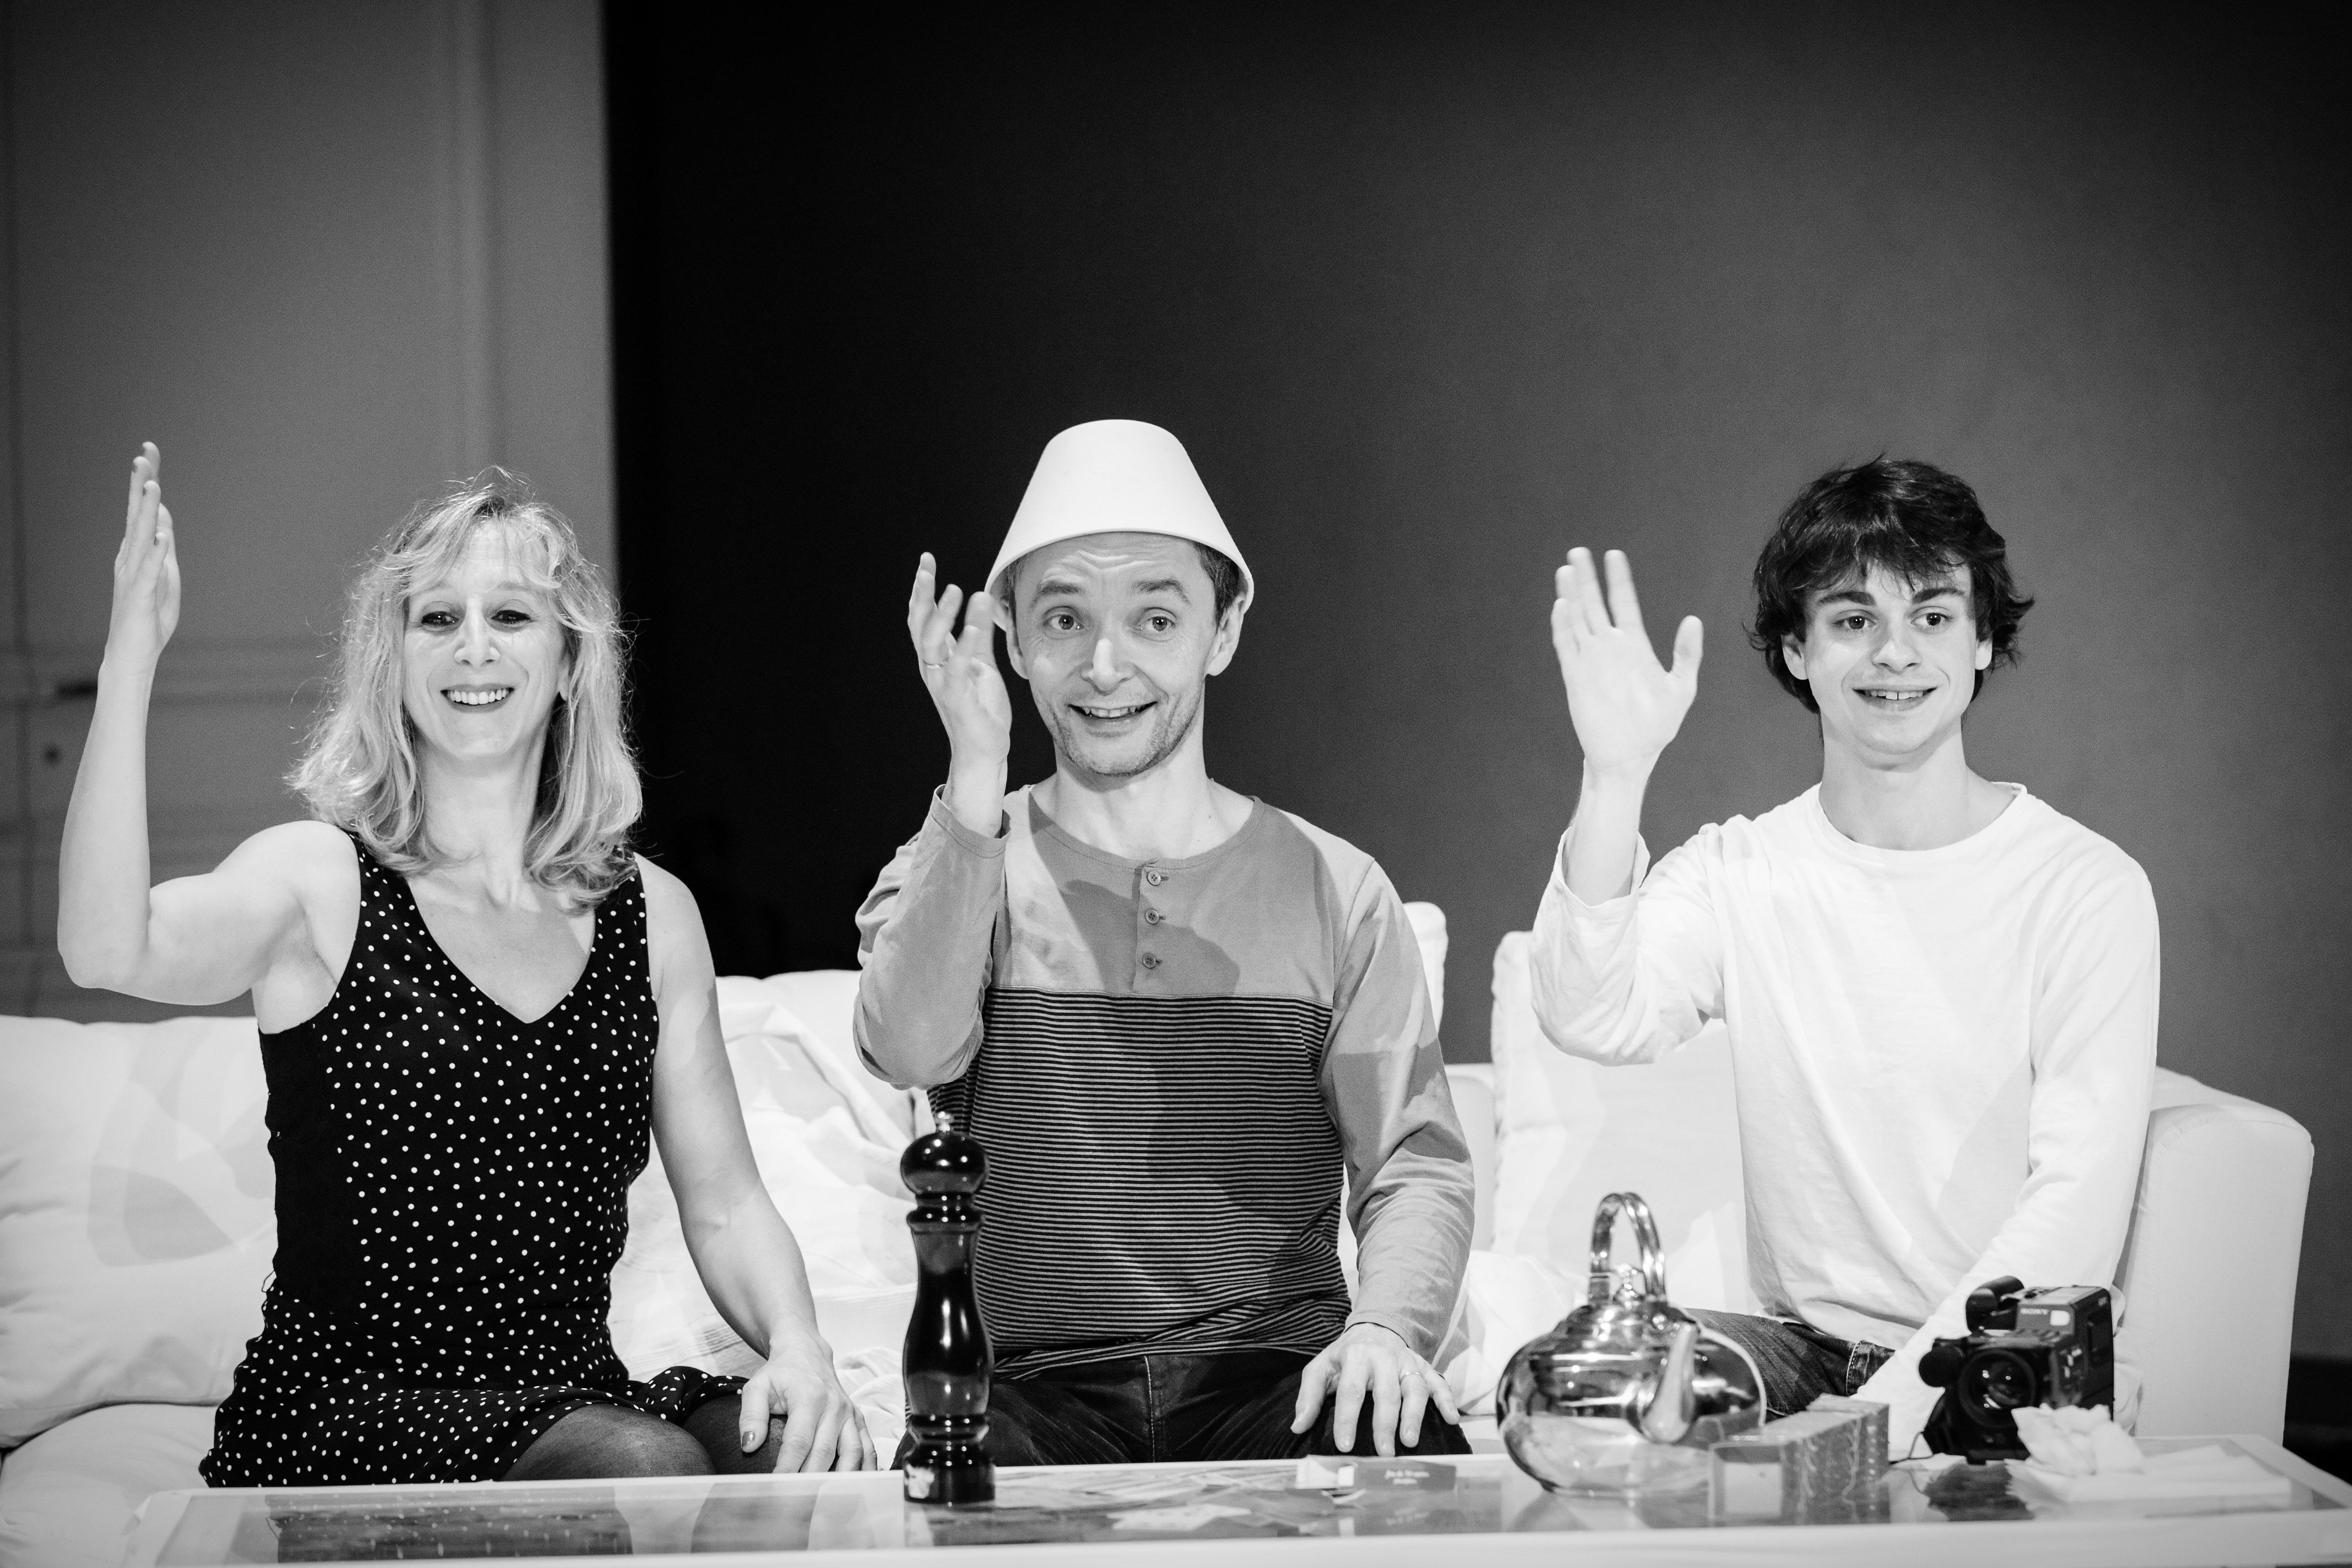 Cecile Leterme, Vincent de Bouard and Silvain Levitte